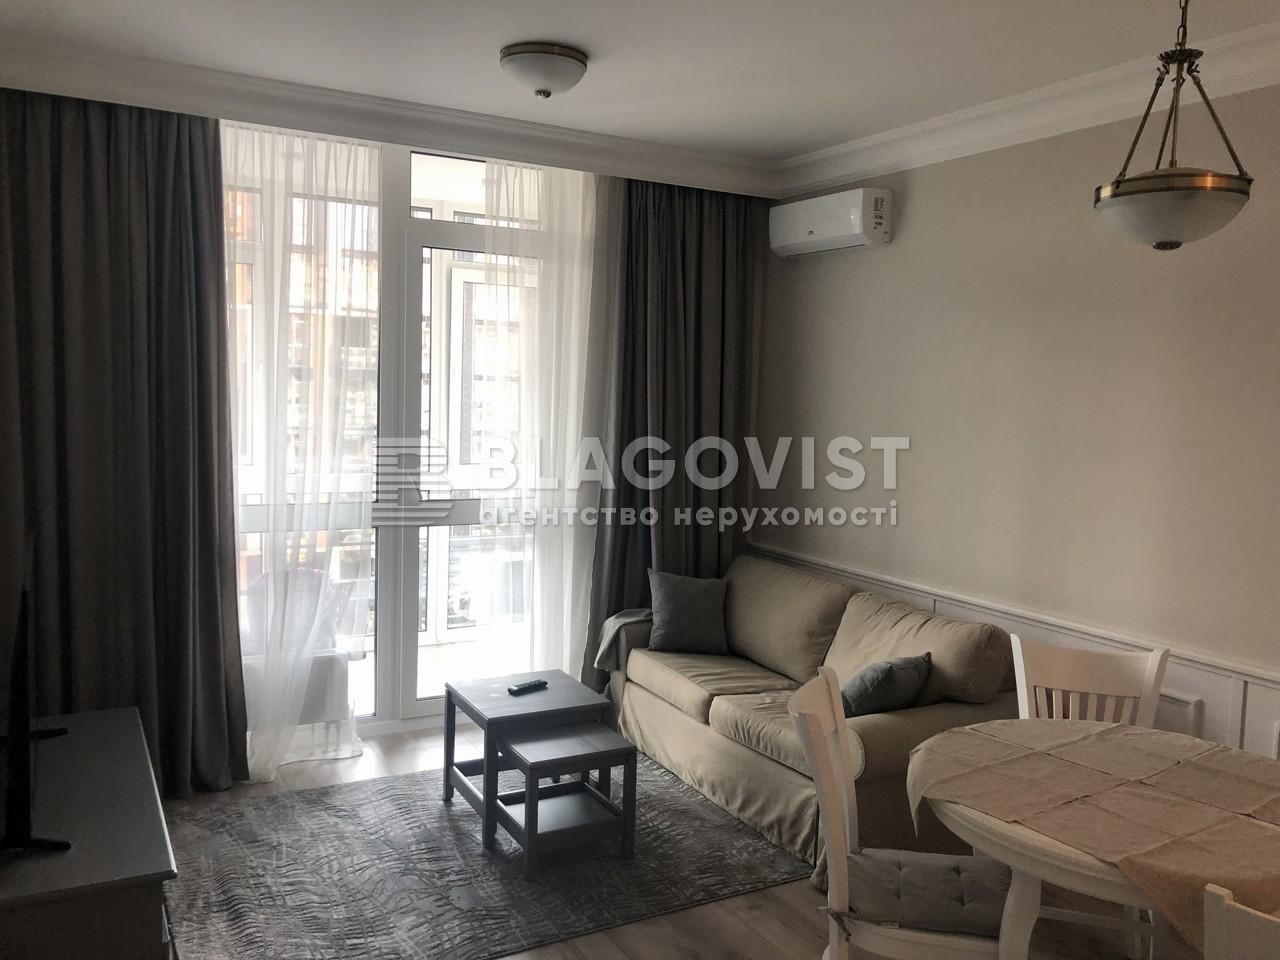 Квартира R-24620, Предславинская, 57, Киев - Фото 6